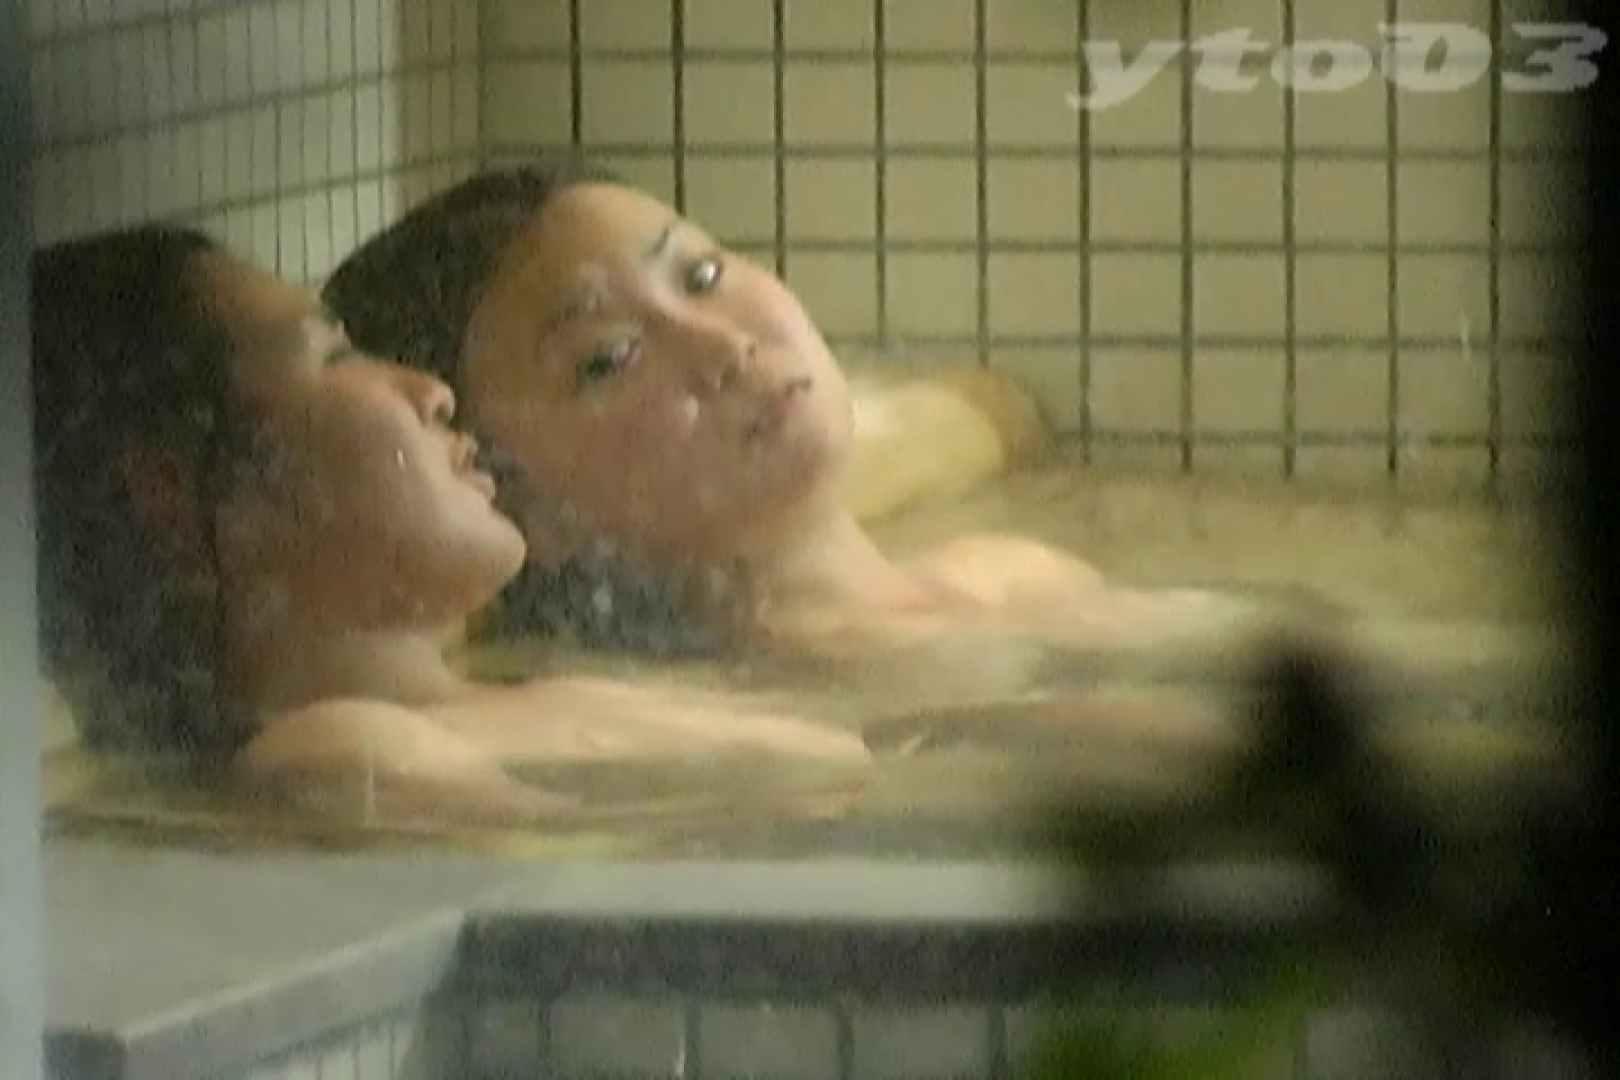 ヤリマンのオマンコ:【期間限定配信】合宿ホテル女風呂盗撮 Vol.16:怪盗ジョーカー